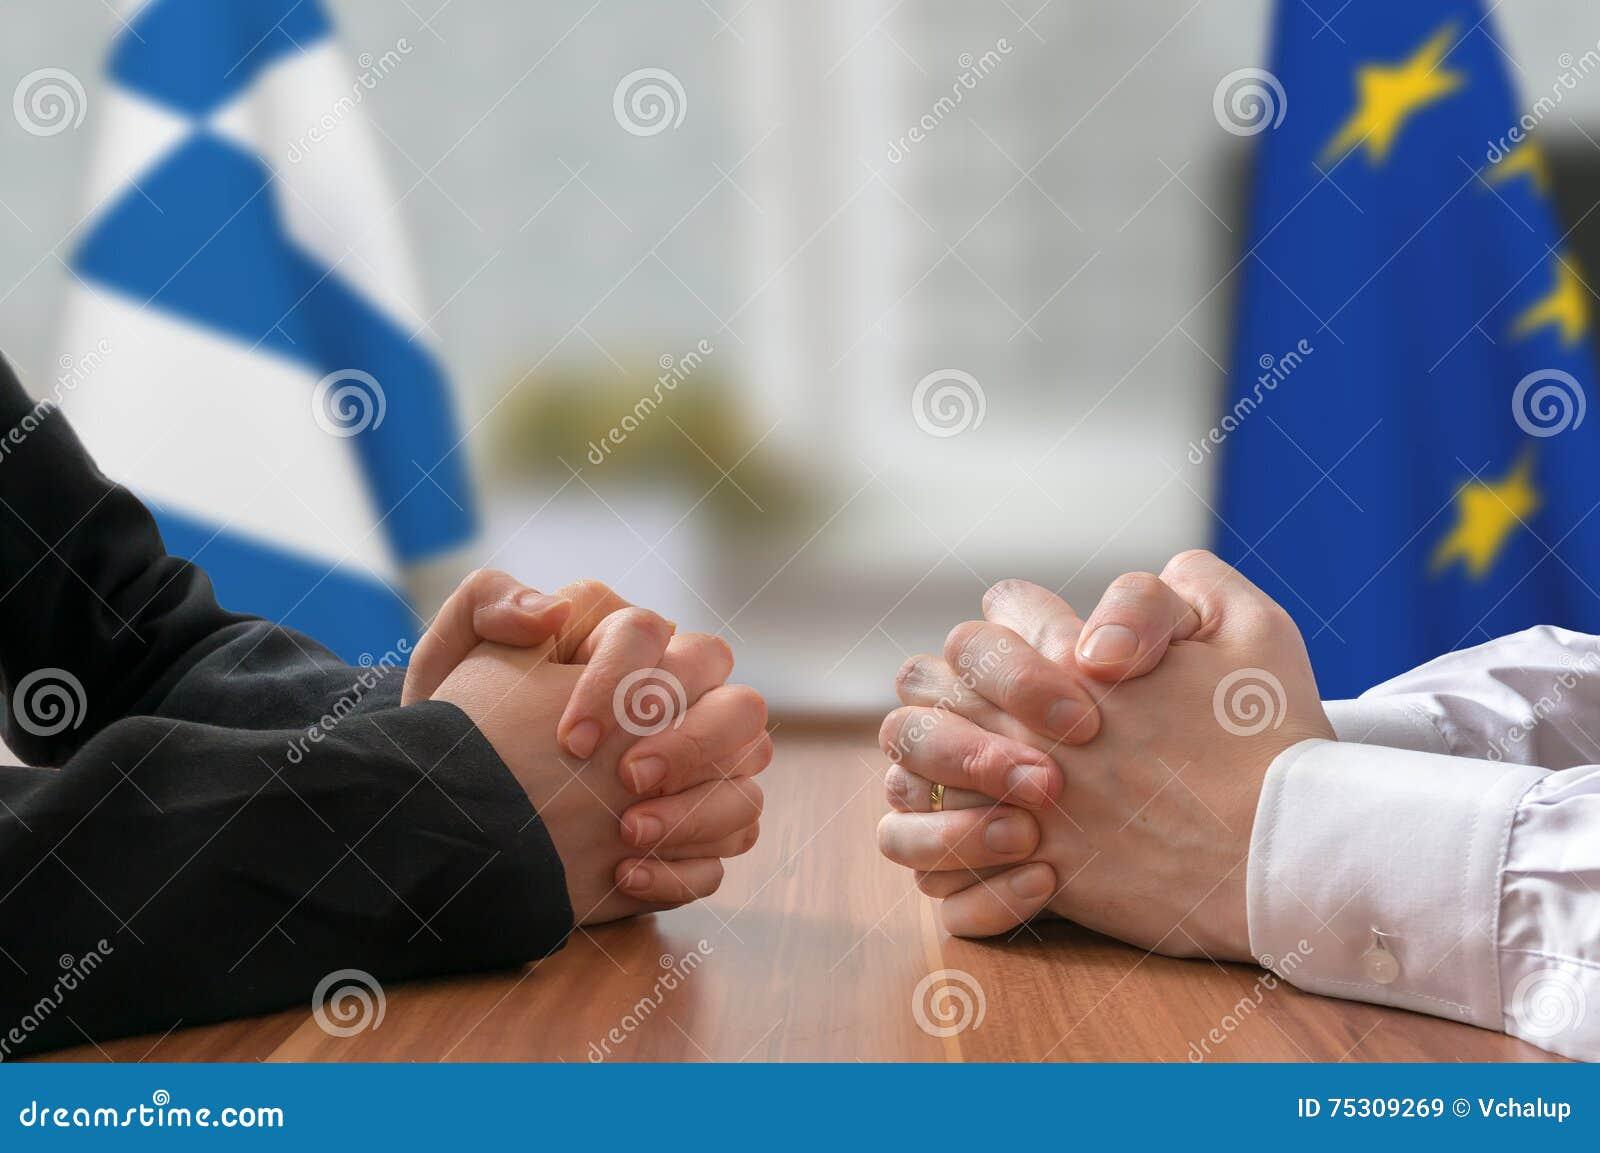 Переговоры Греции и Европейского союза Государственный деятель или политики